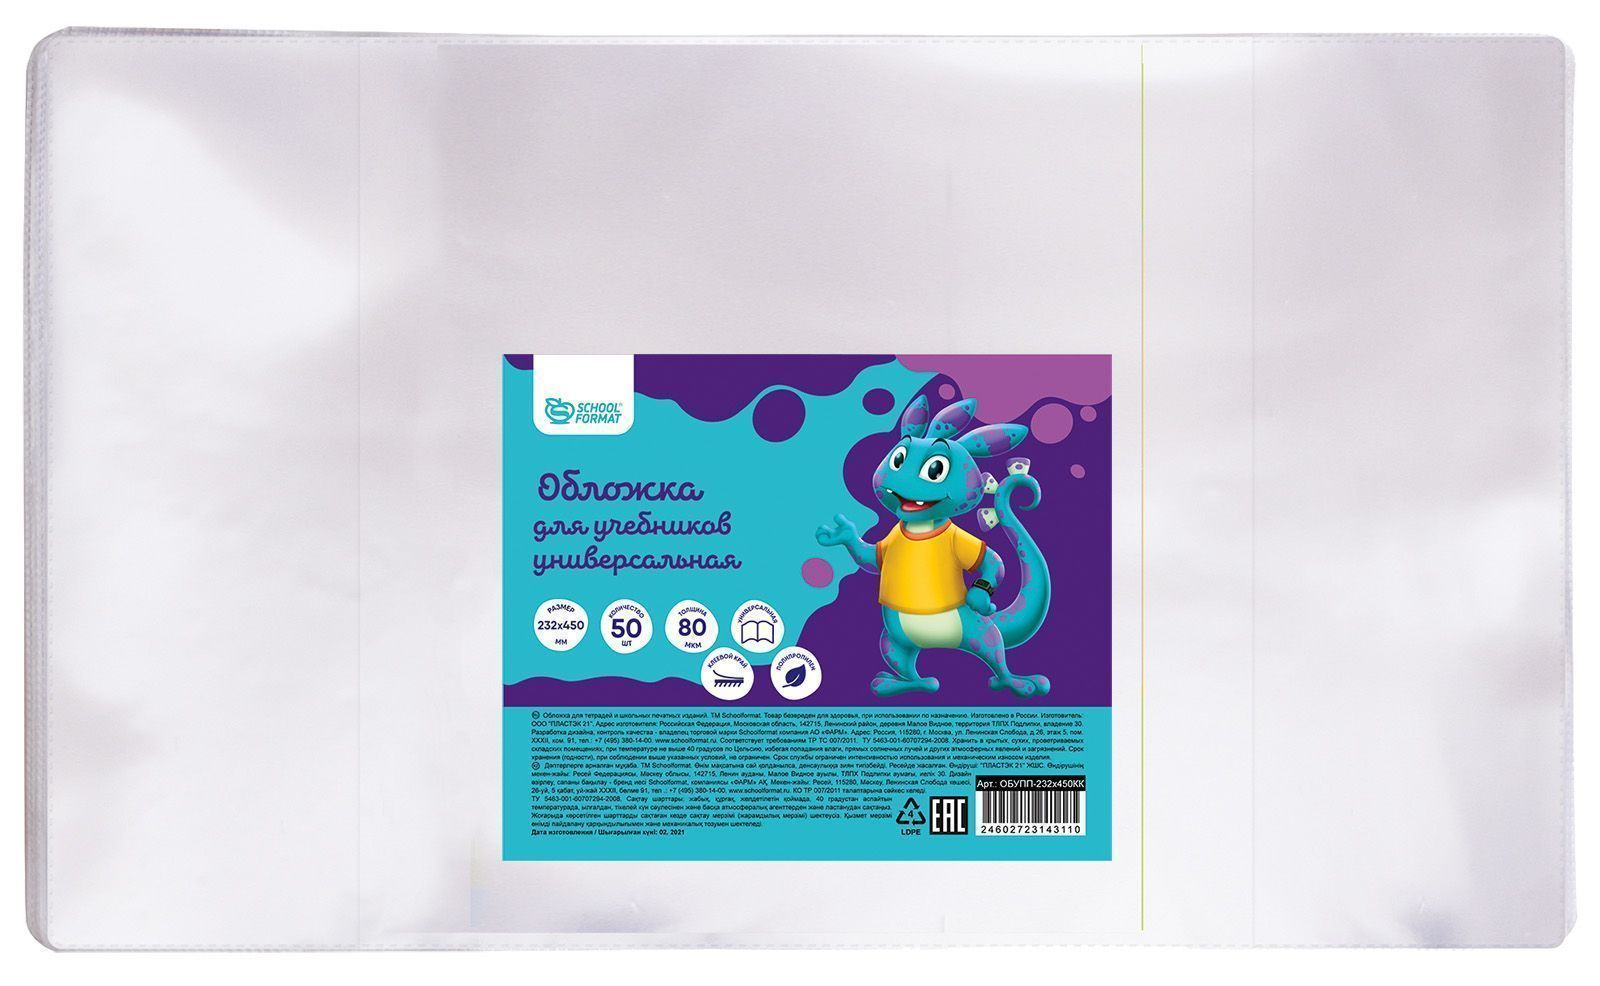 Обложка для учебников ПП 80 мкм Schoolformat 232х450 мм универсальная клеевой край 50 шт индив.штрих-код